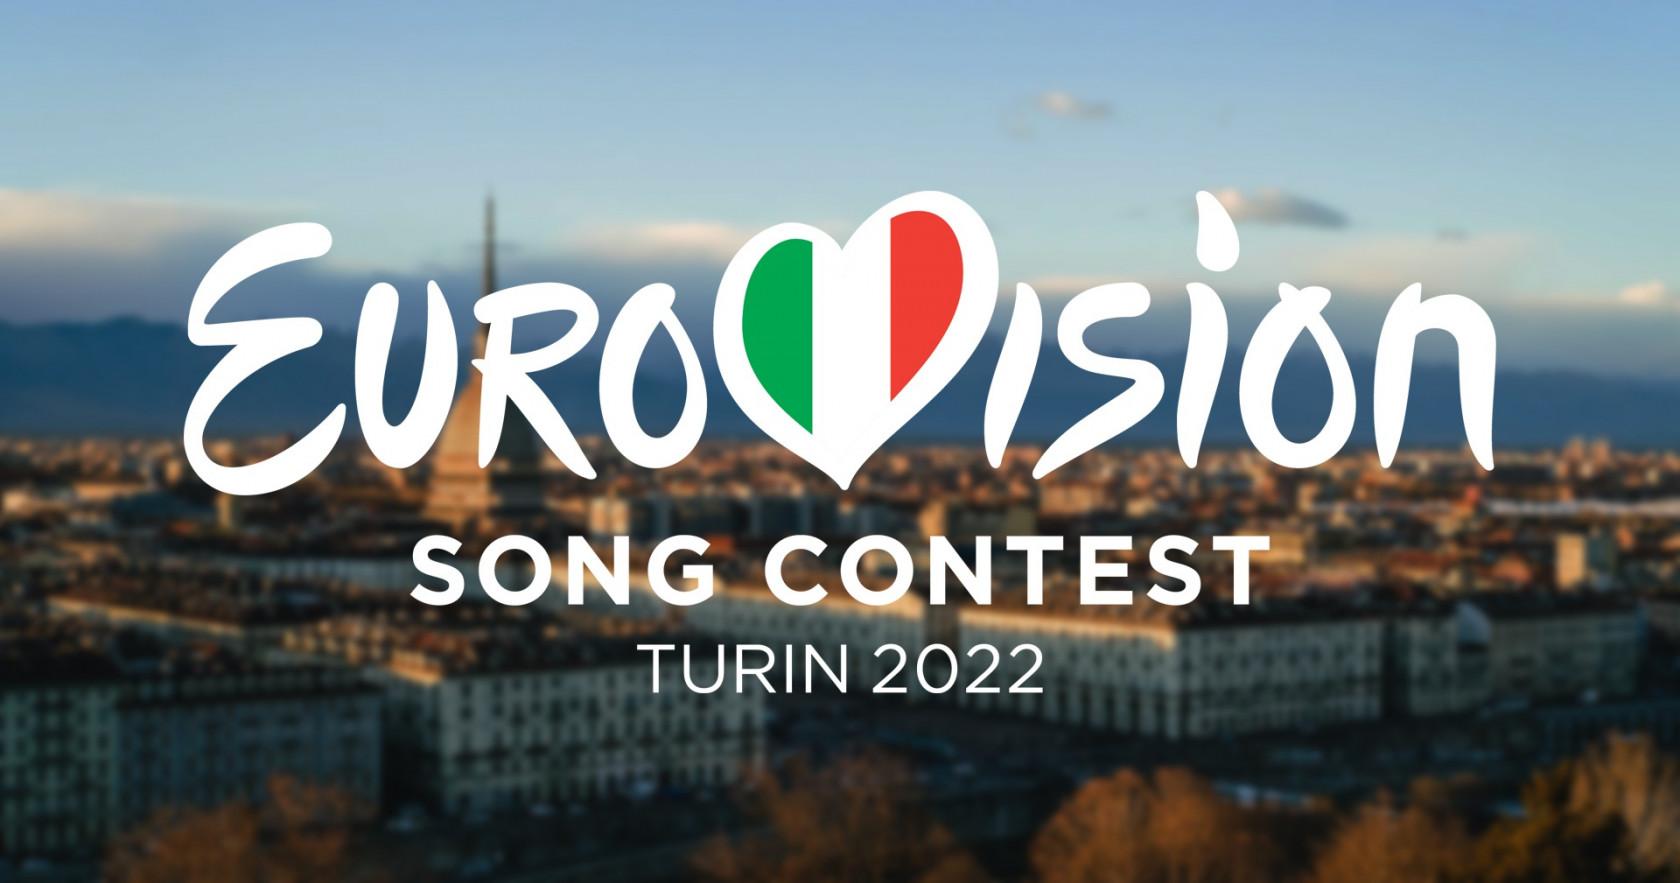 eurovision song contest torino 2022